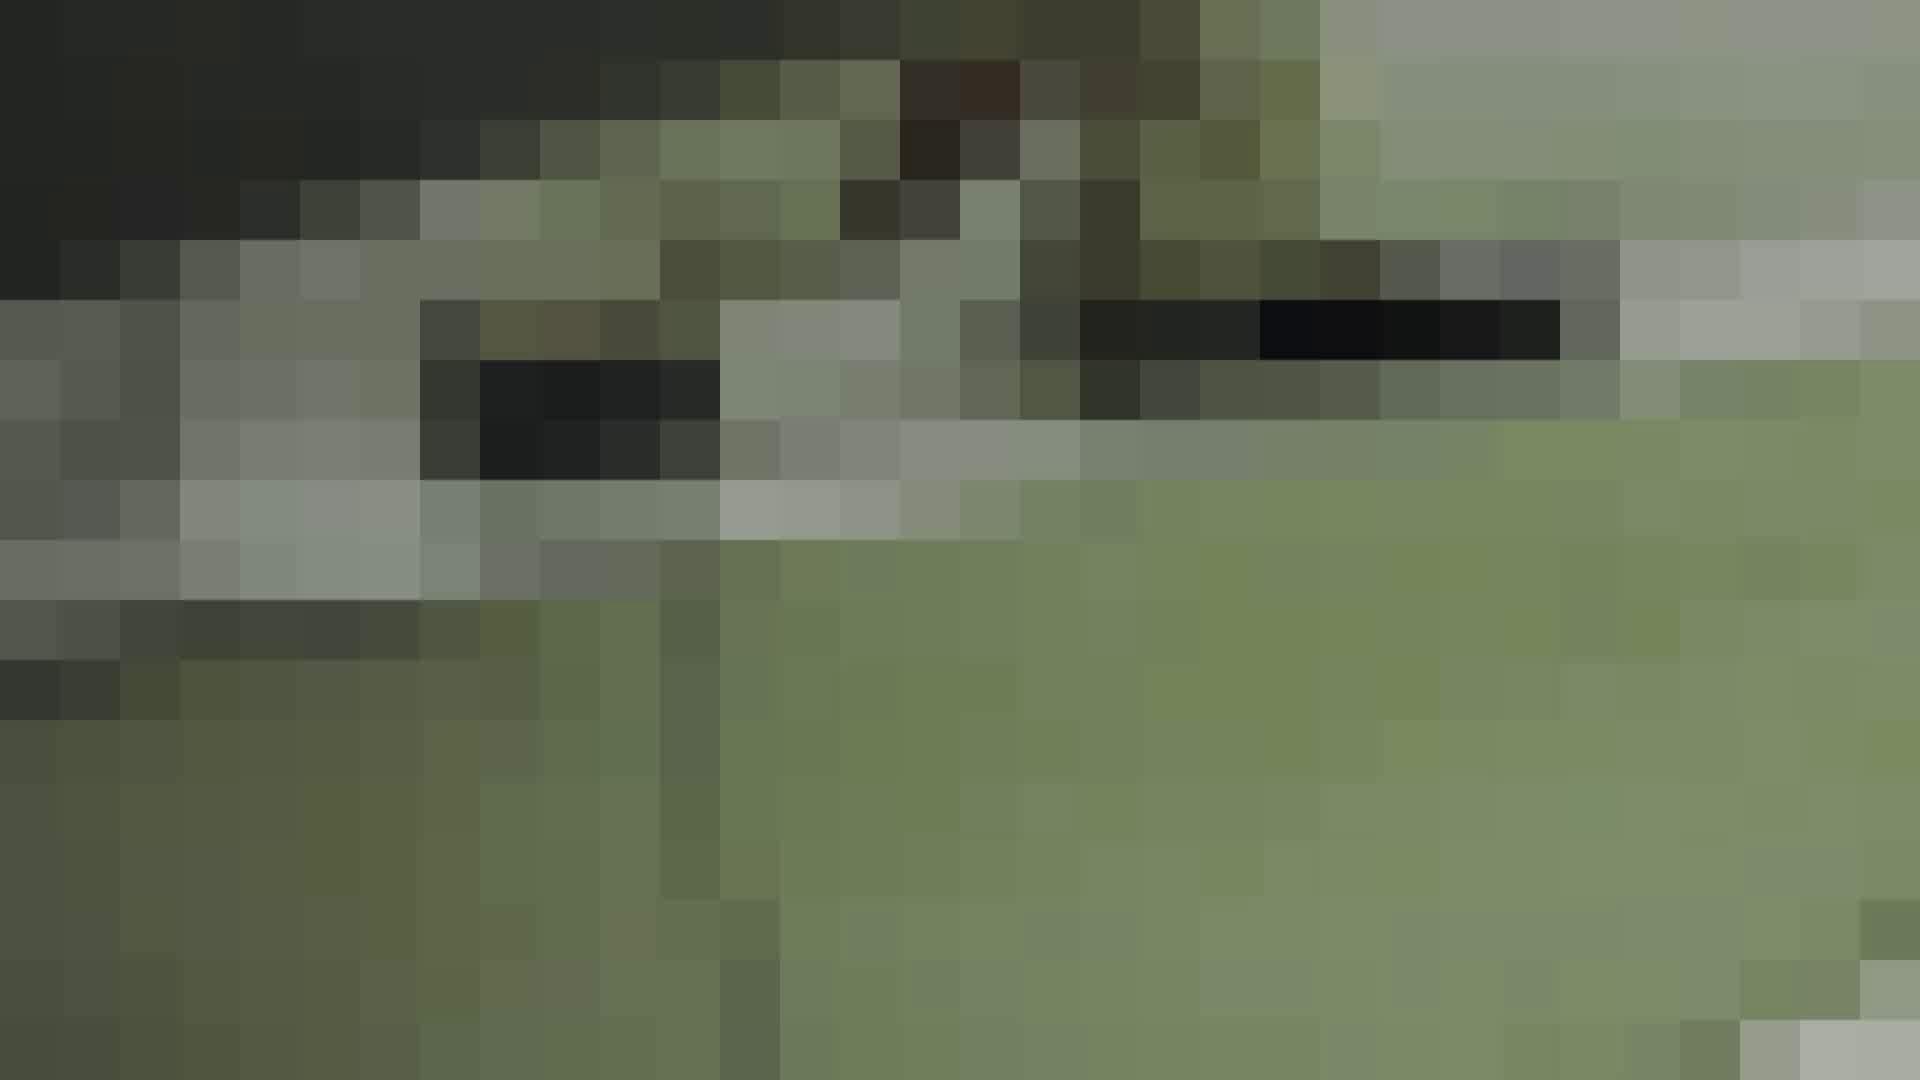 世界の射窓から vol.35 女厕偷拍, 美罗城 南宁国贸 ハプニング   高画質  78枚 71